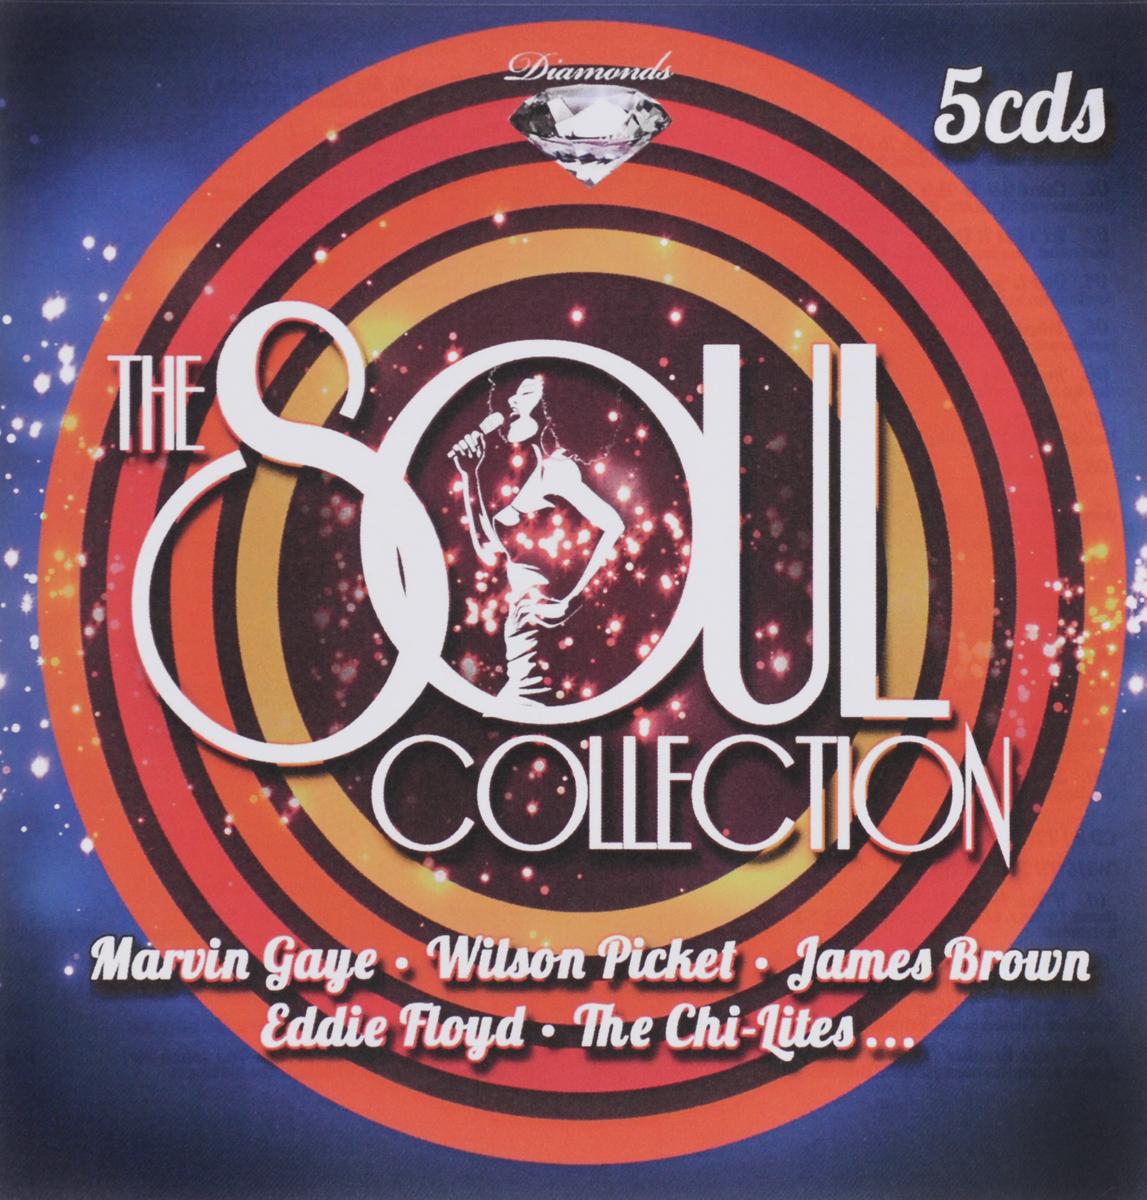 Марвин Гэй,Уилсон Пиккетт,Джеймс Браун,Эдди Флойд,The Chi-Lites Diamonds. The Soul Collection (5 CD) цена